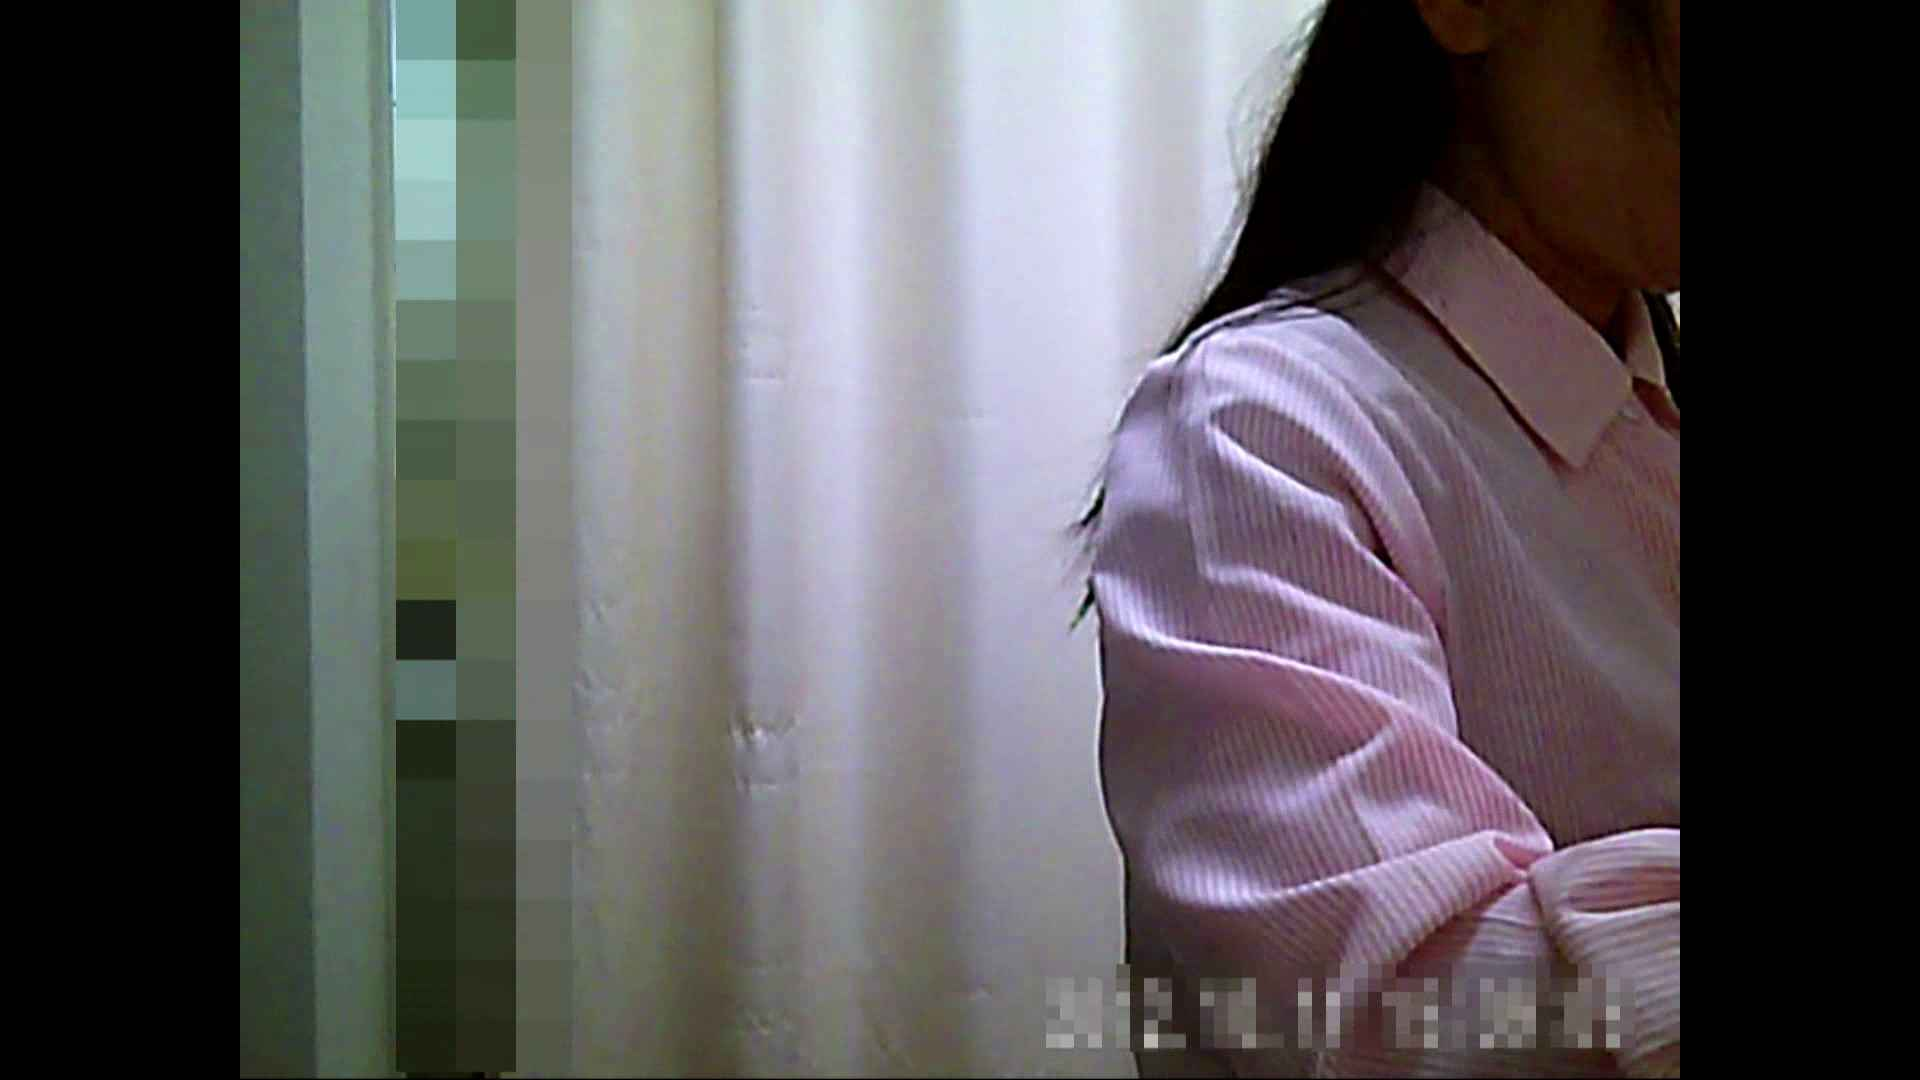 病院おもいっきり着替え! vol.234 おっぱい 隠し撮りオマンコ動画紹介 81PIX 59